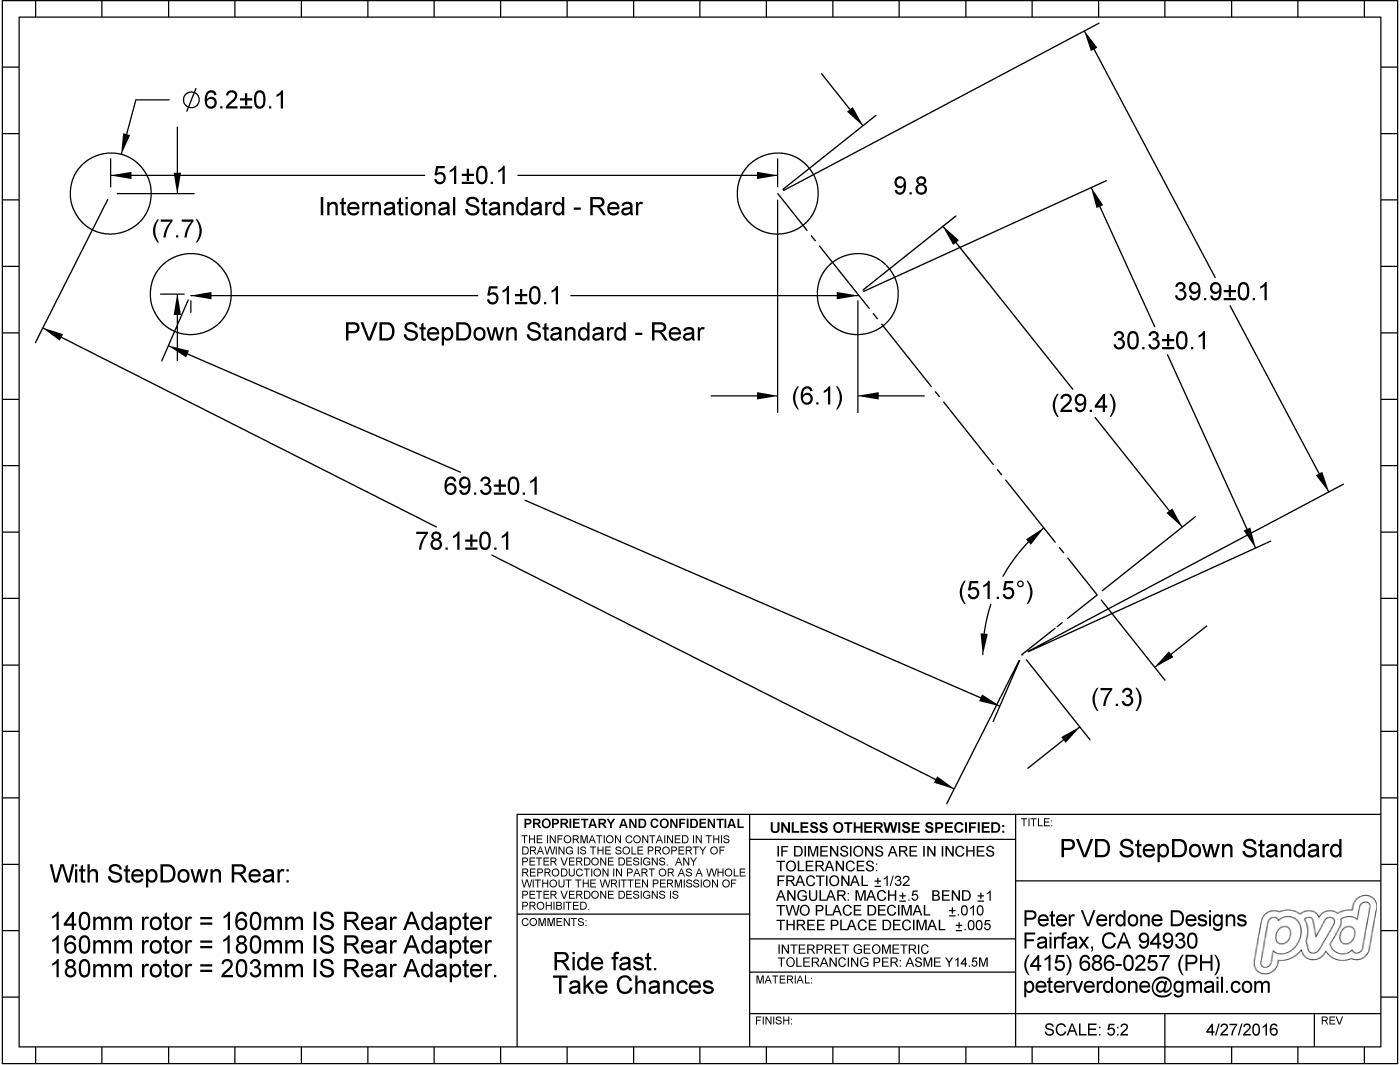 PVD StepDown Standard